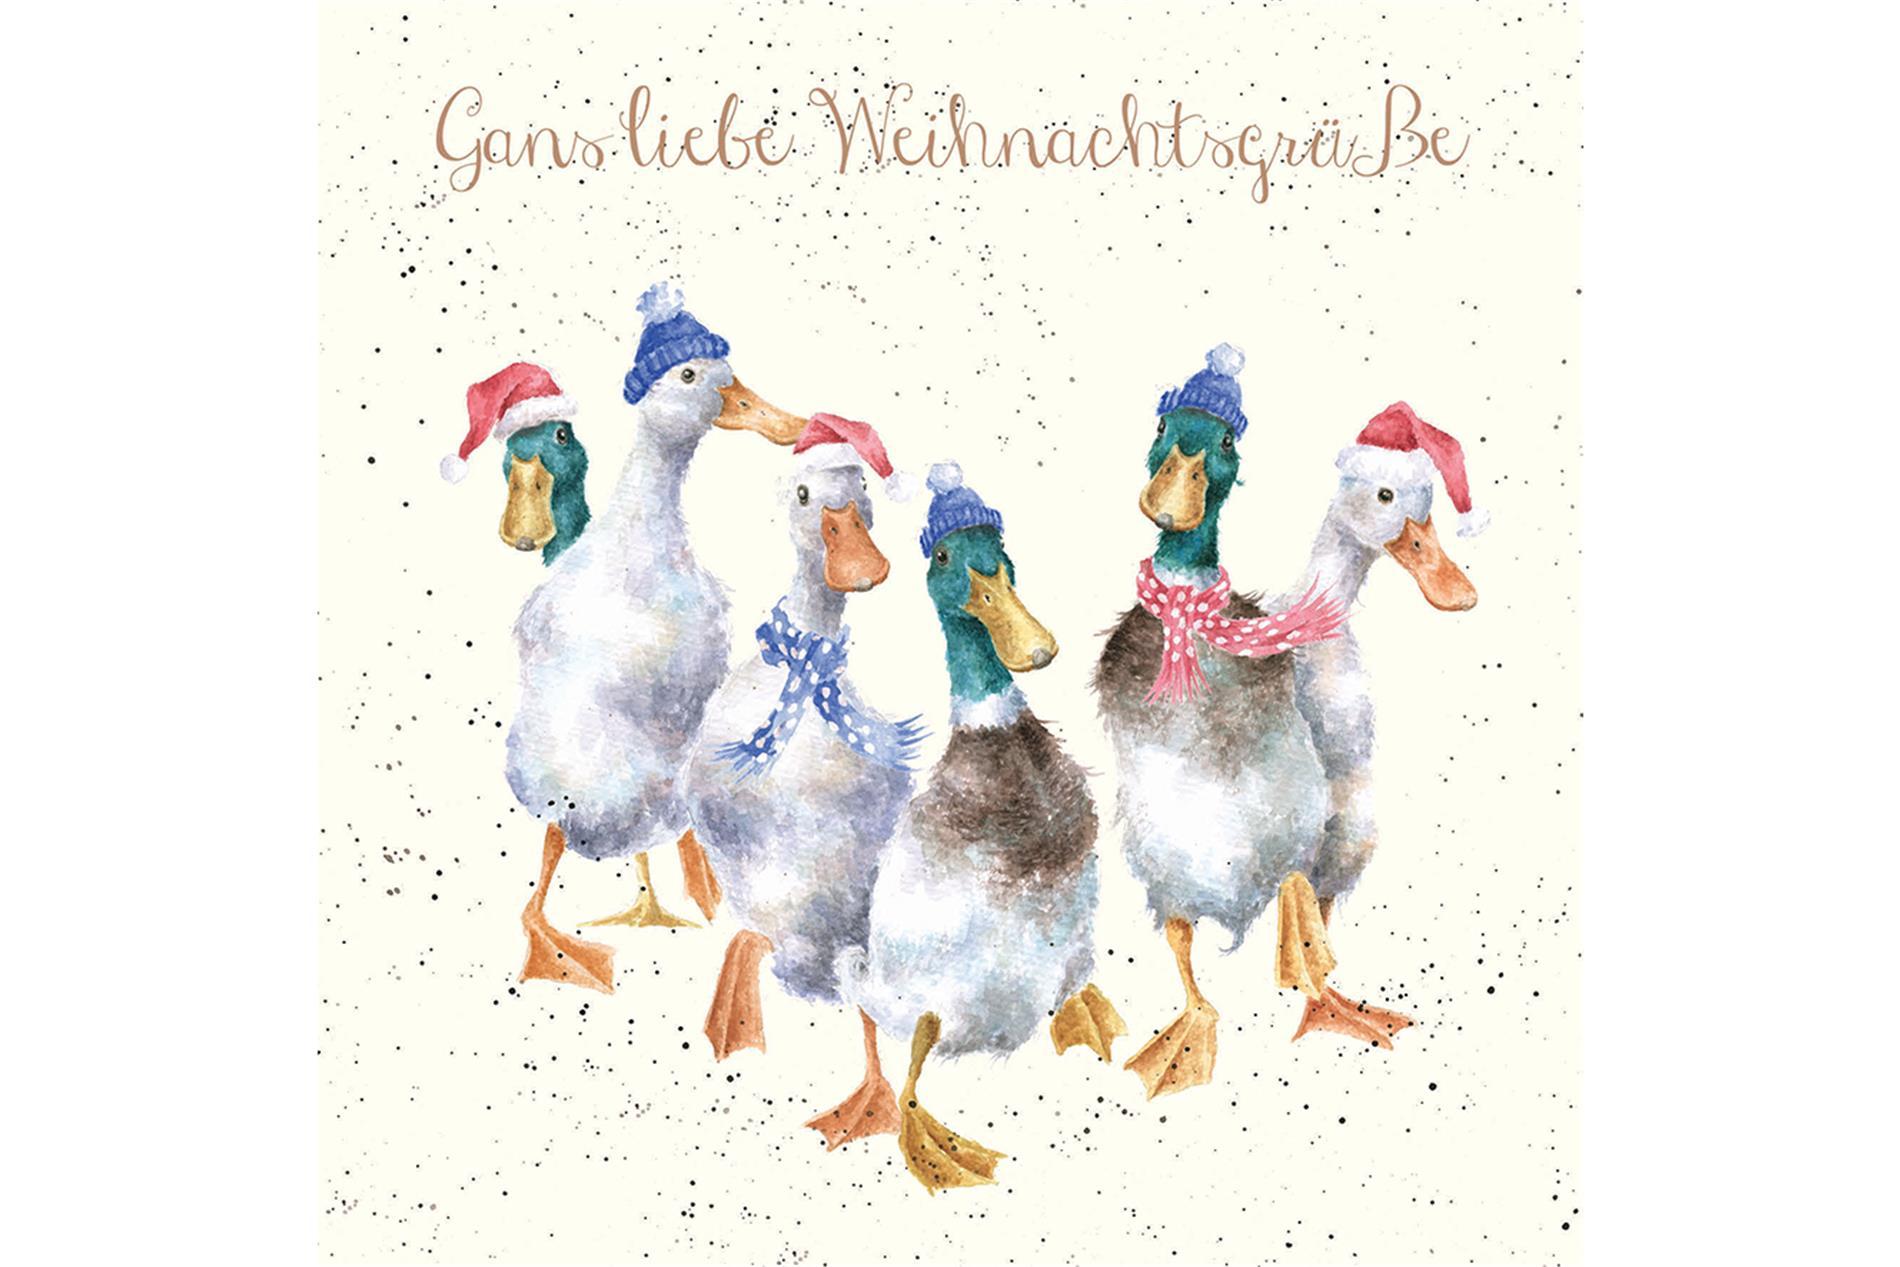 Wrendale Doppelkarte Weihnachten mit Umschlag, Gans liebe Weihnachtsgrüße, Motiv Gänse & Enten15x15 cm